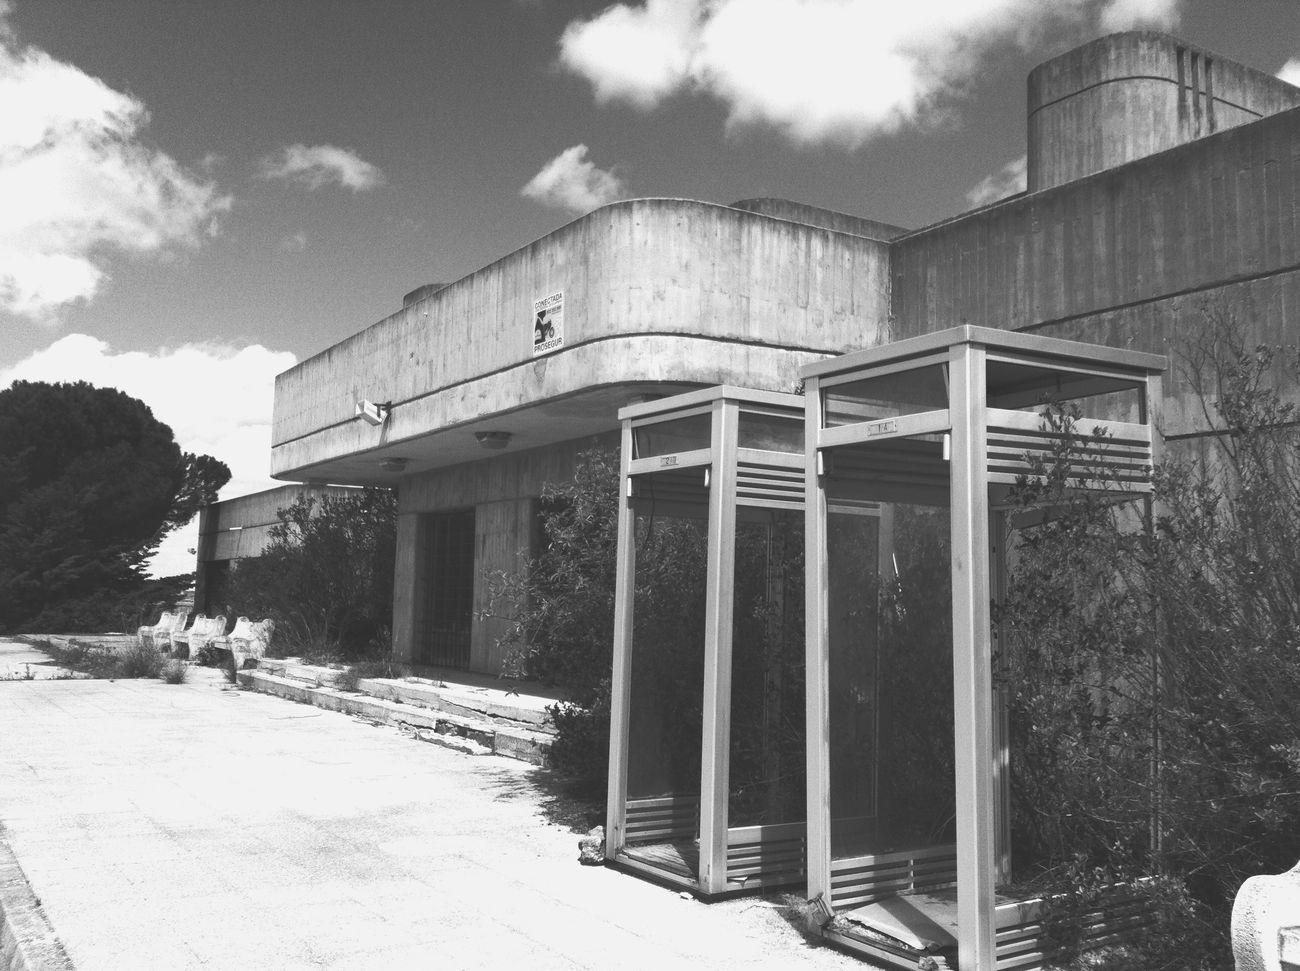 Sitios abandonados a los que siempre te sientes tentado a entrar! Alarcon Claridge Hotel Blackandwite